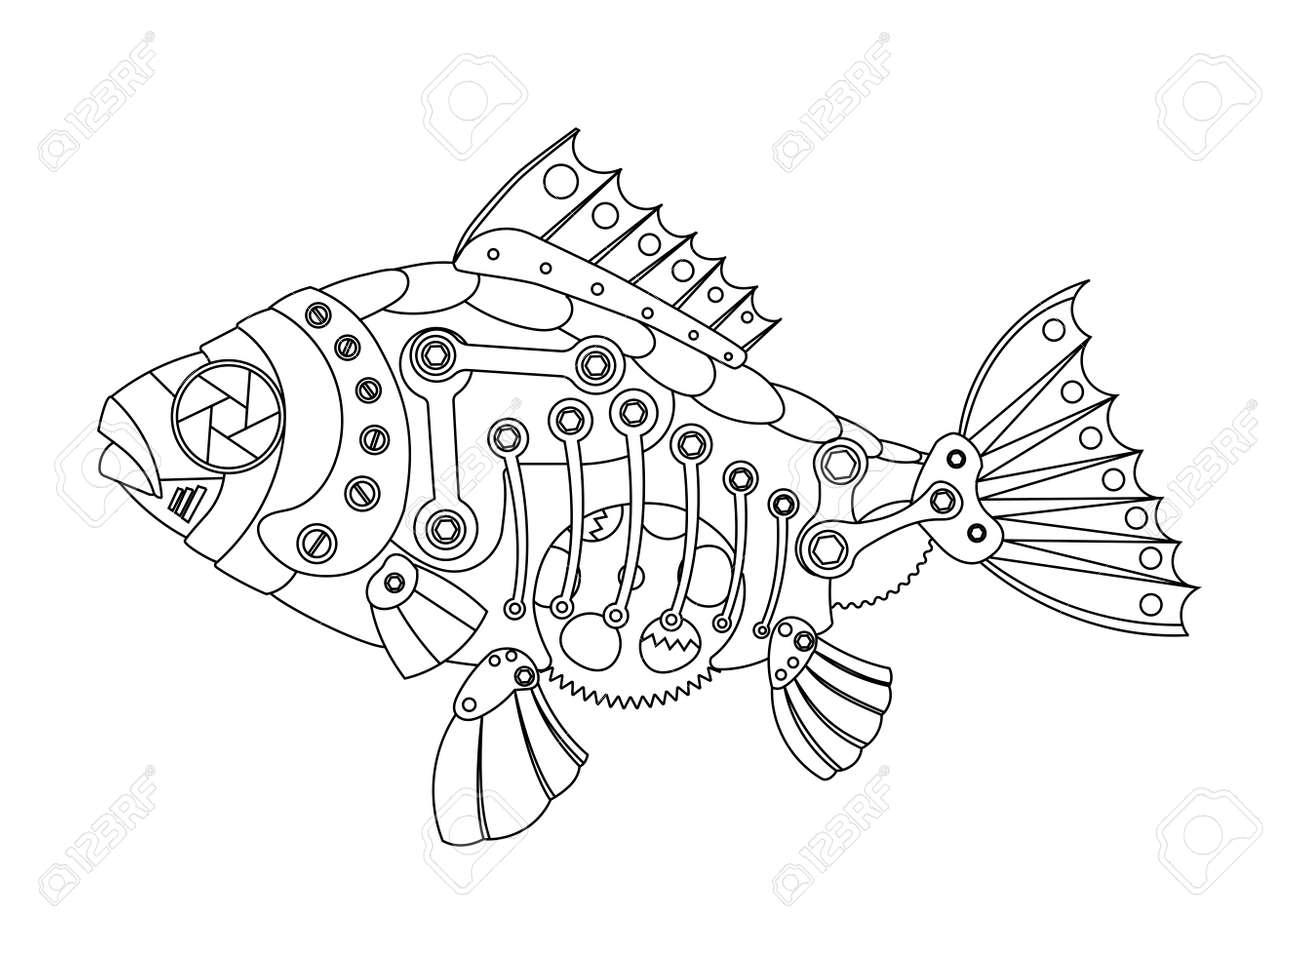 スチーム パンクなスタイルの魚機械動物大人のベクトル イラストの